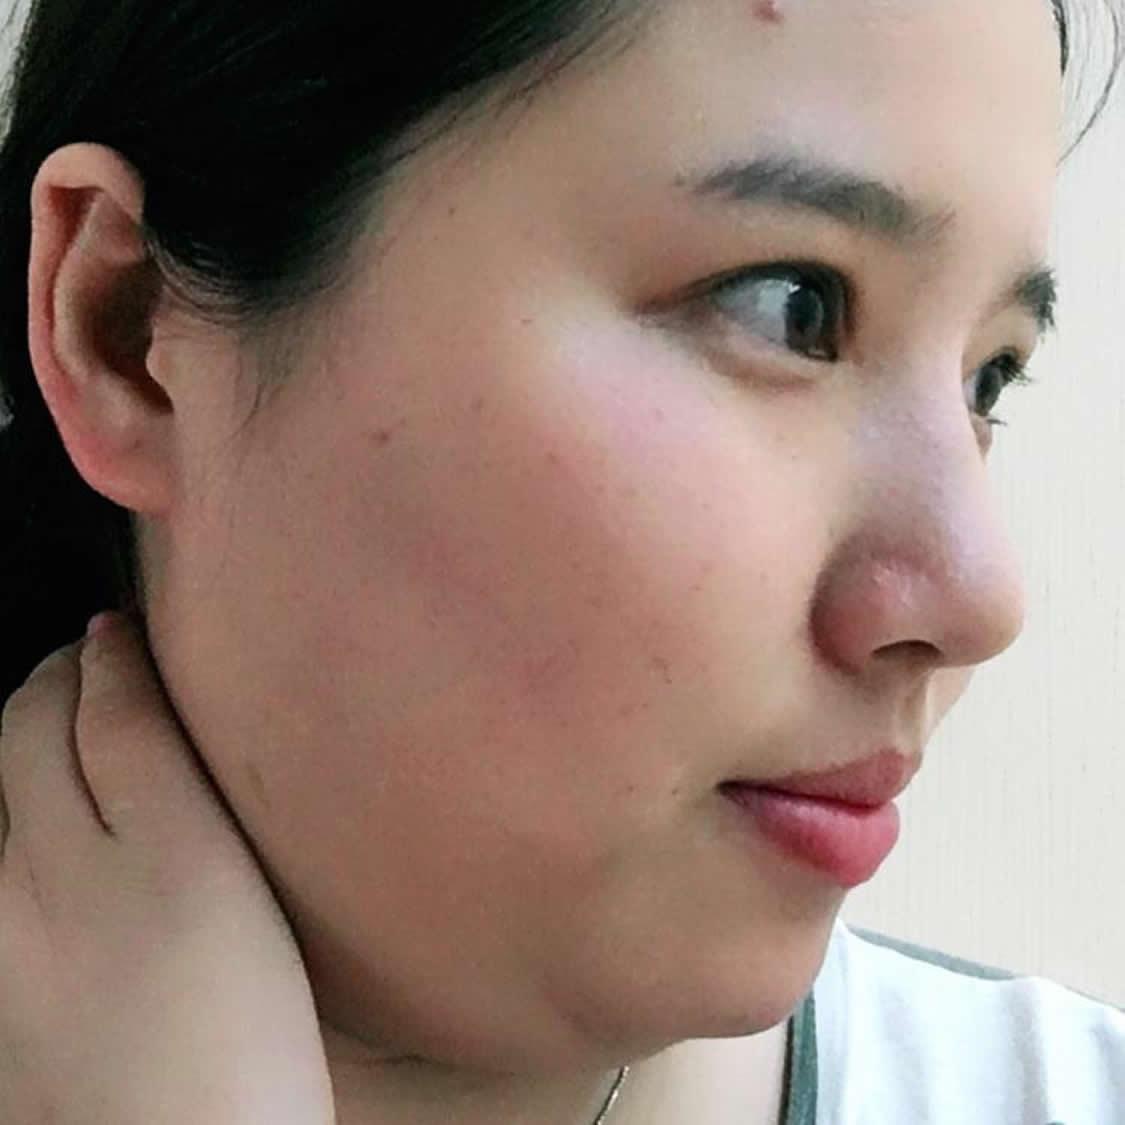 想知道在北京医院做的面部吸脂后要注意什么 那就看看我面部吸脂术后恢复过程吧